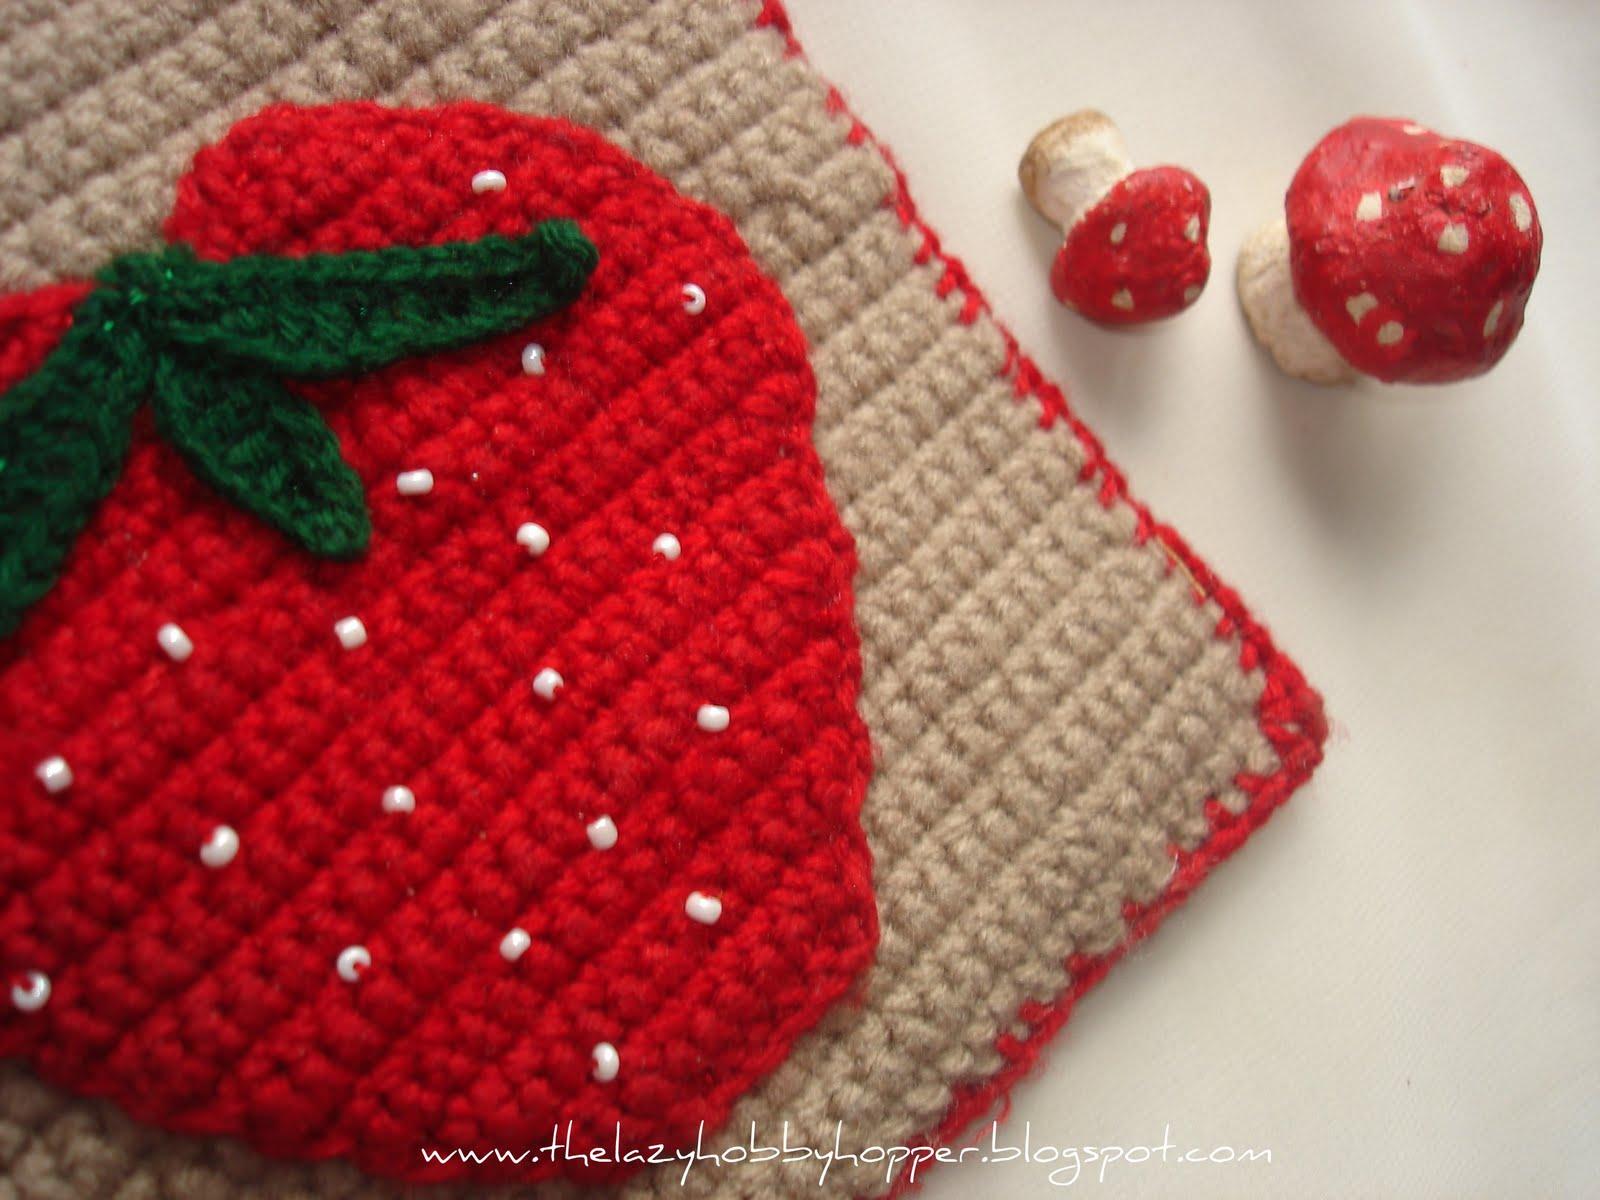 The Lazy Hobbyhopper: Strawberry potholder